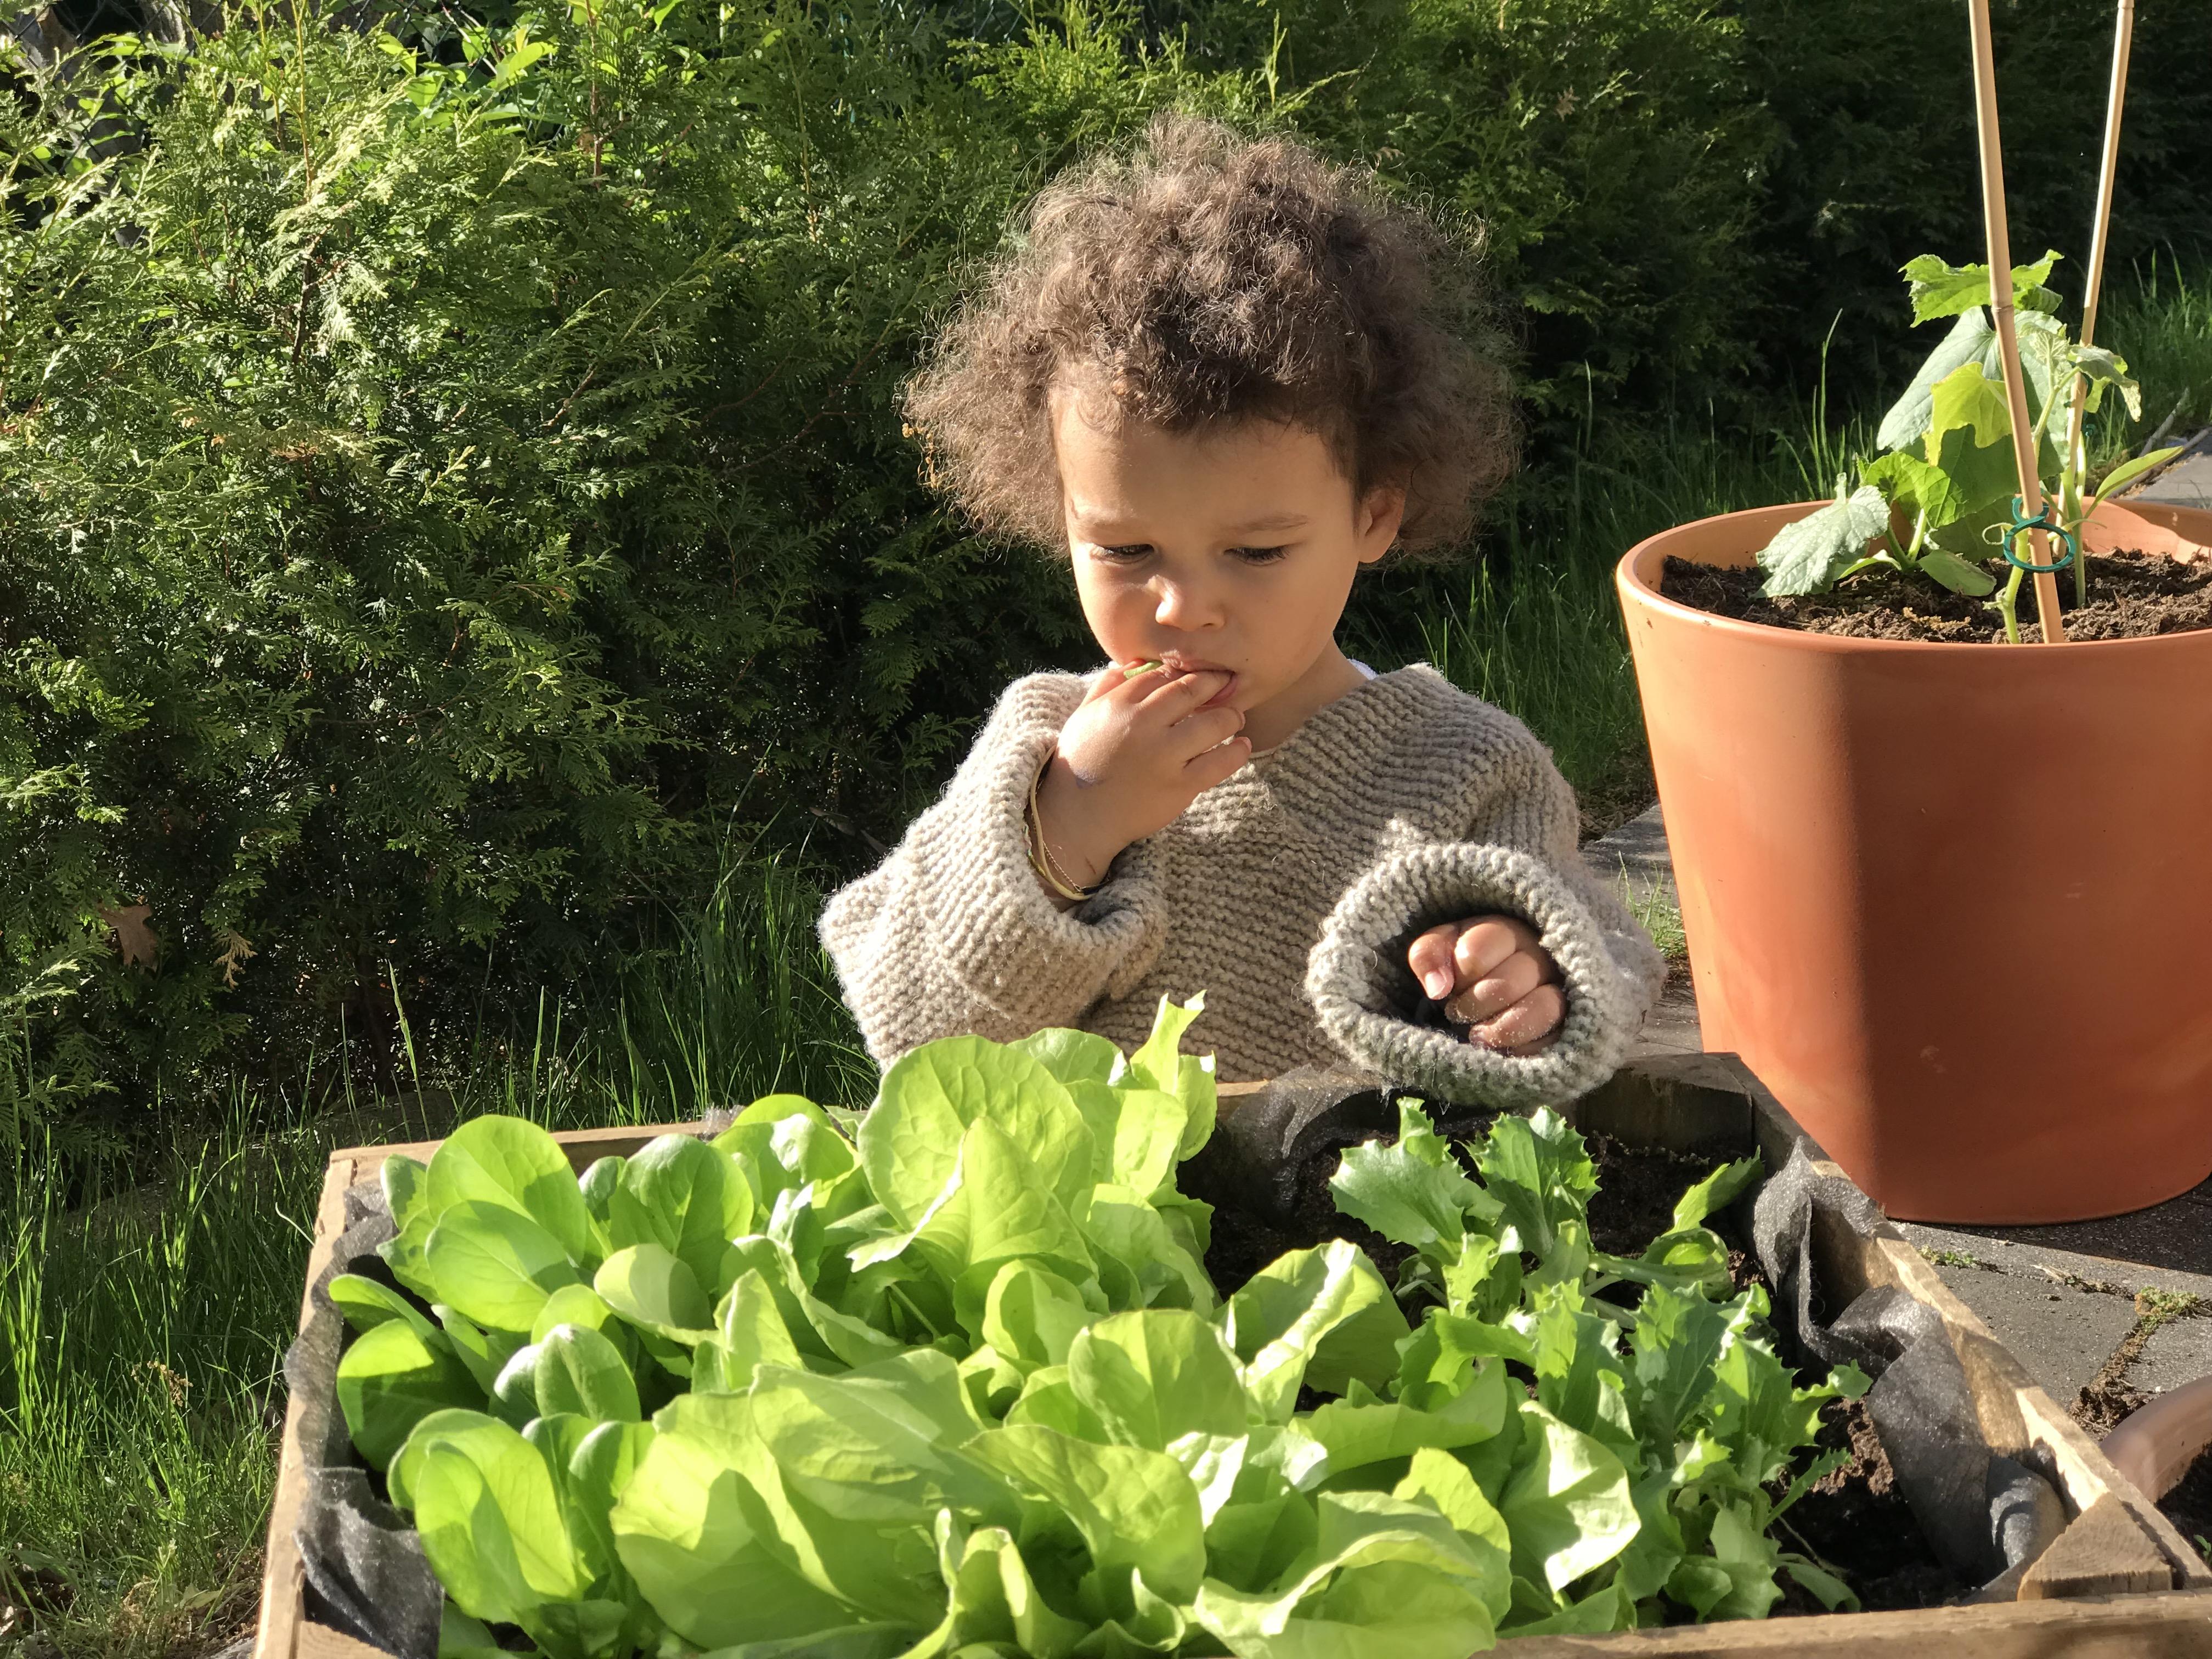 Naschbeete für Kinder sind eine schöne Art und Weise den Kindern das Wachsen der Pflanzen lebensnah zu zeigen und ihnen einen achtsamen Umgang mit Lebensmitteln beizubringen, wie ihr sie anlegt zeige ich euch.Noch mehr schöne Tipps findet ihr auf www.elfenkindberlin.de